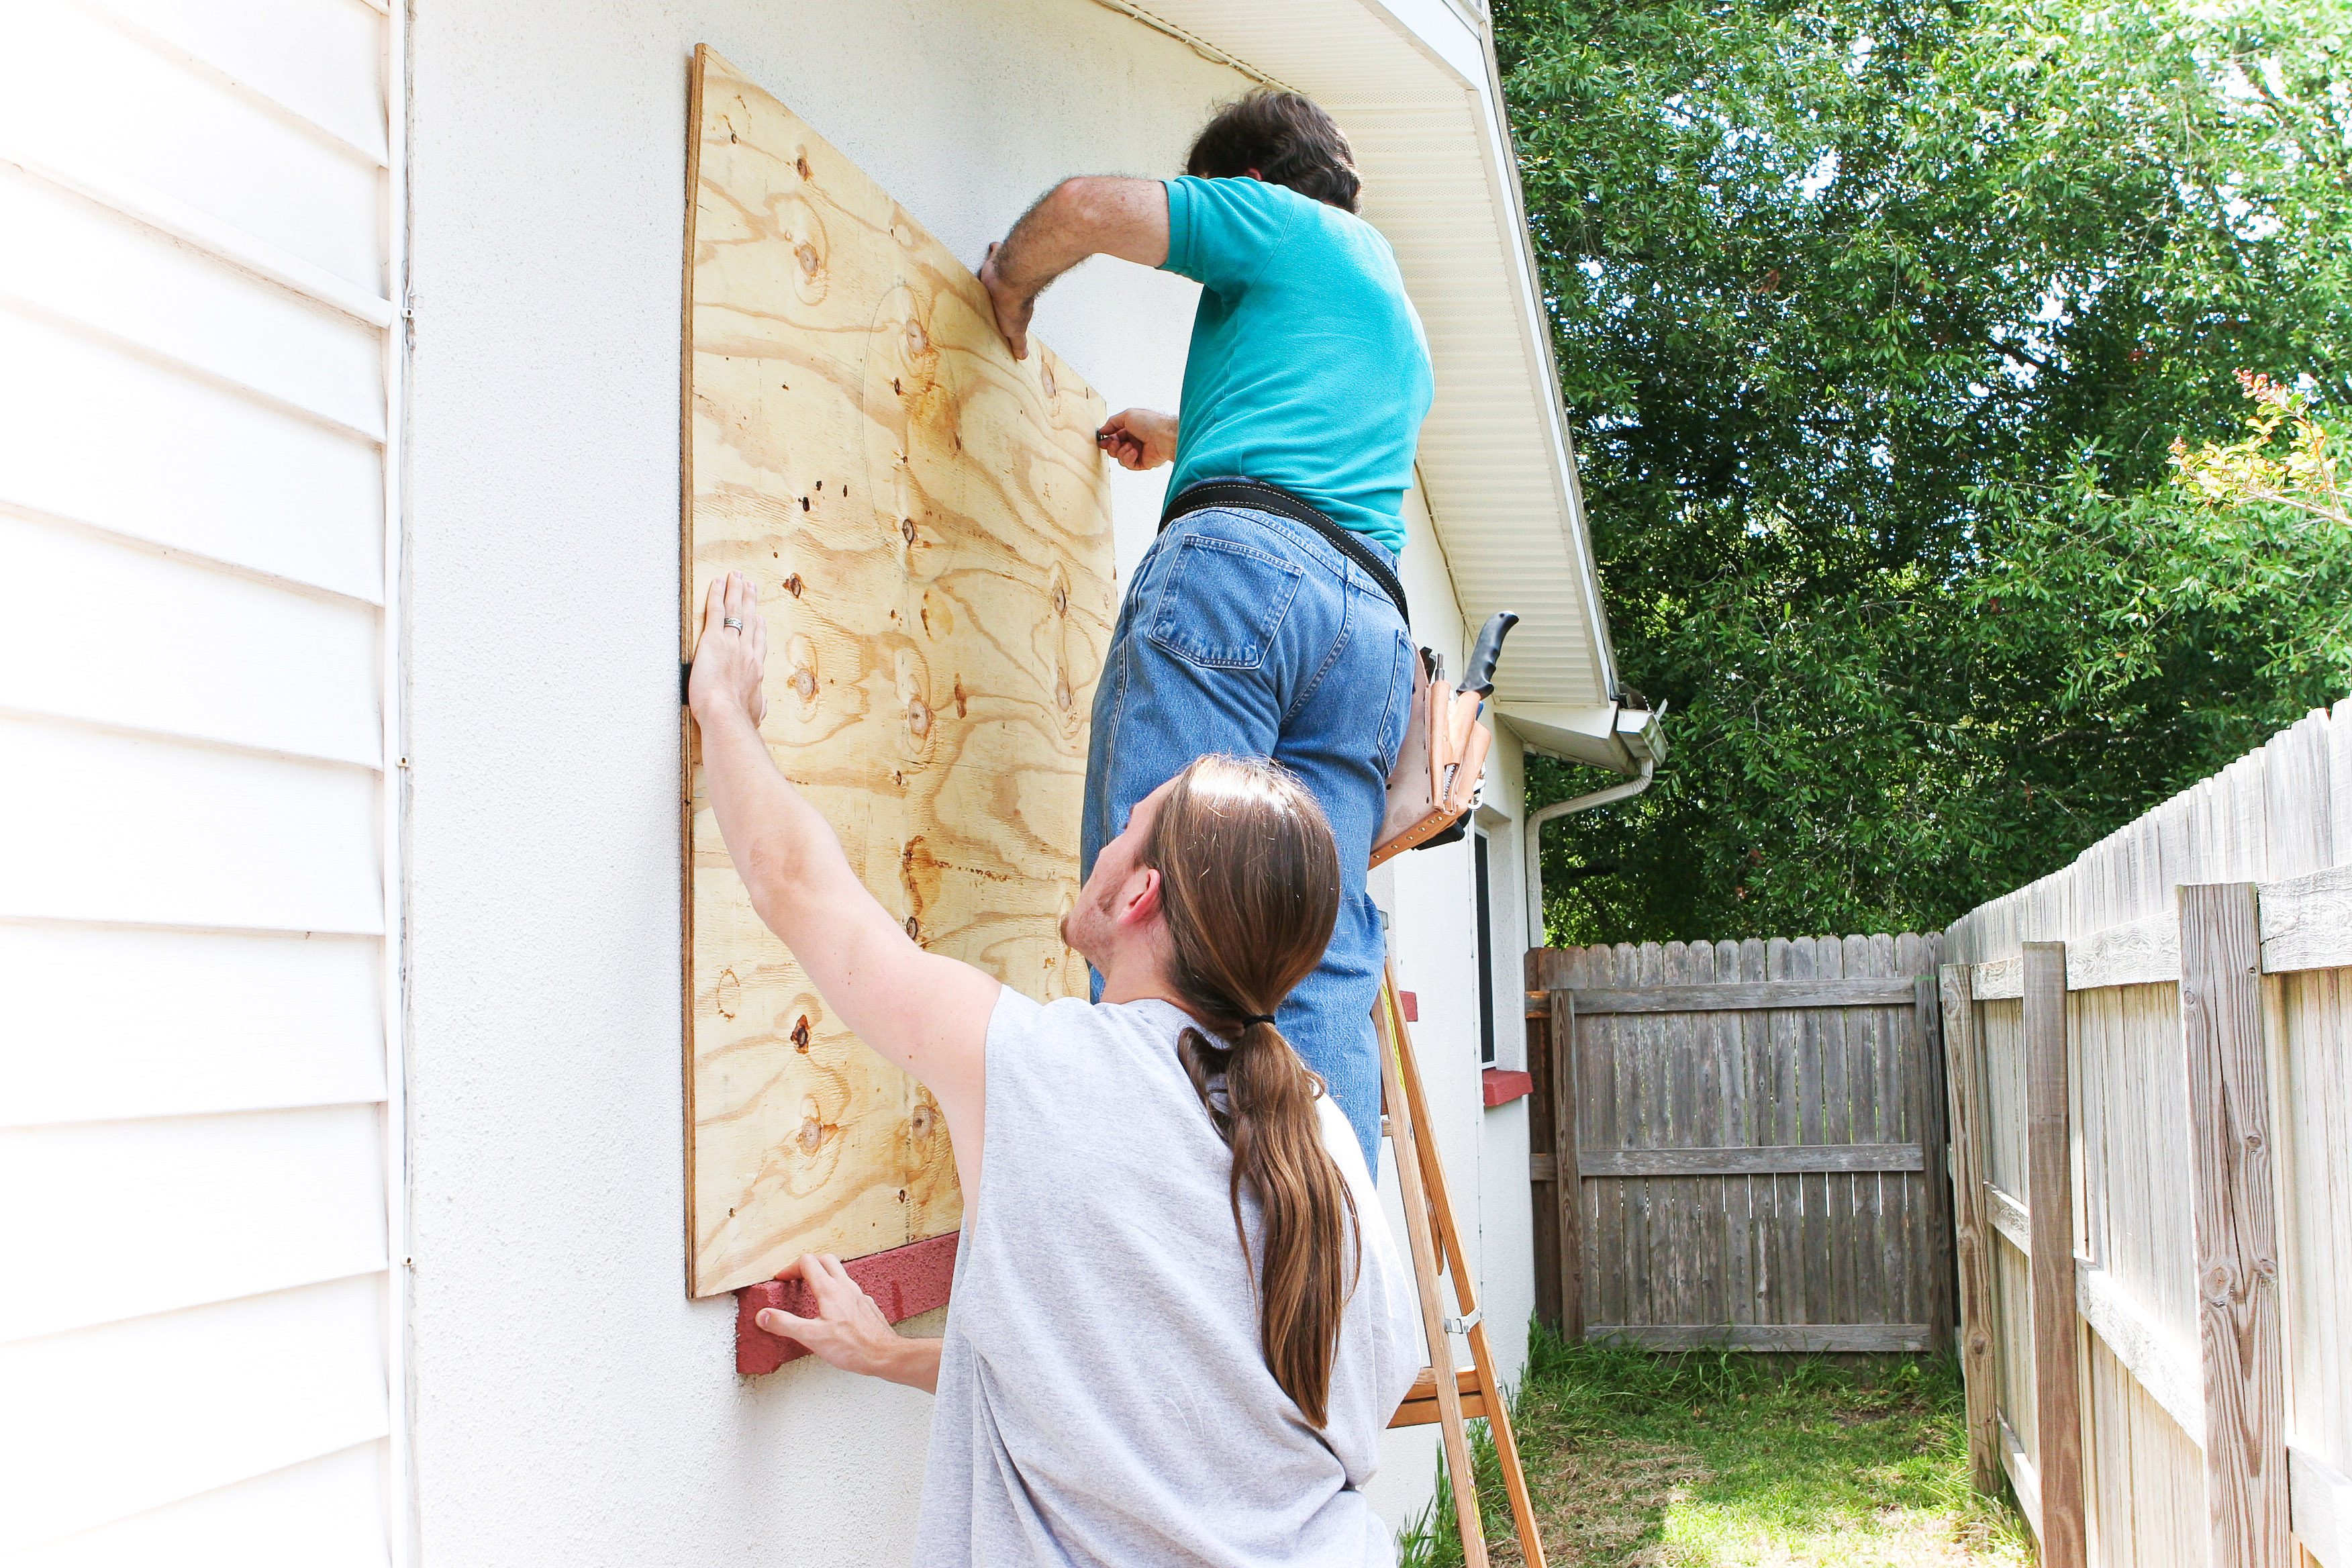 Filho adolescente ajudando seu pai a tapar as janelas - editado